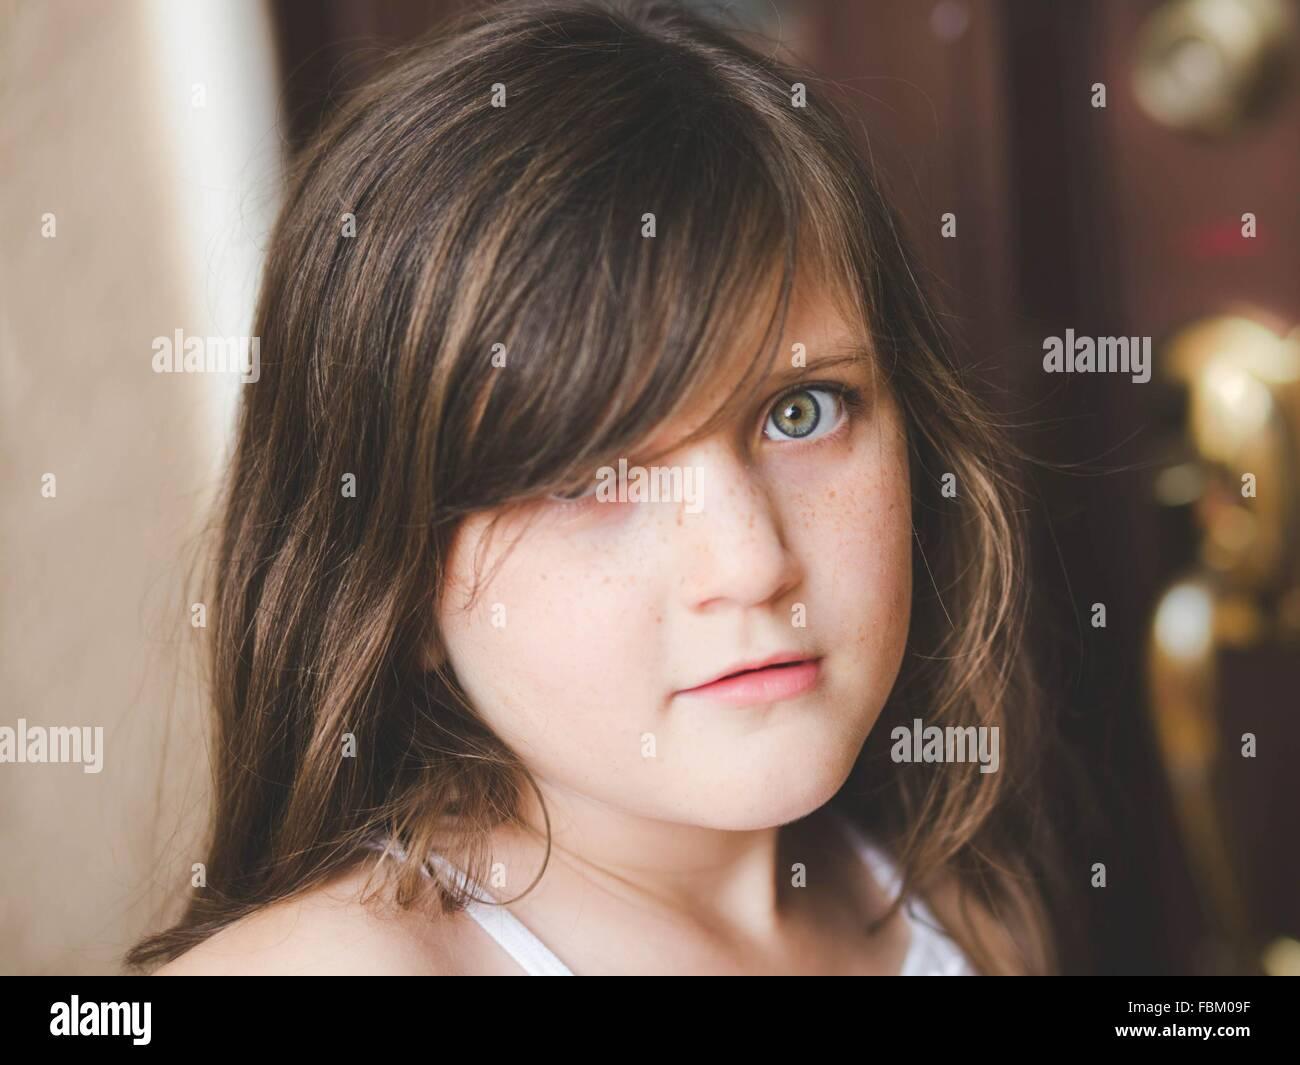 Pre Adolescente mirando a la cámara Imagen De Stock